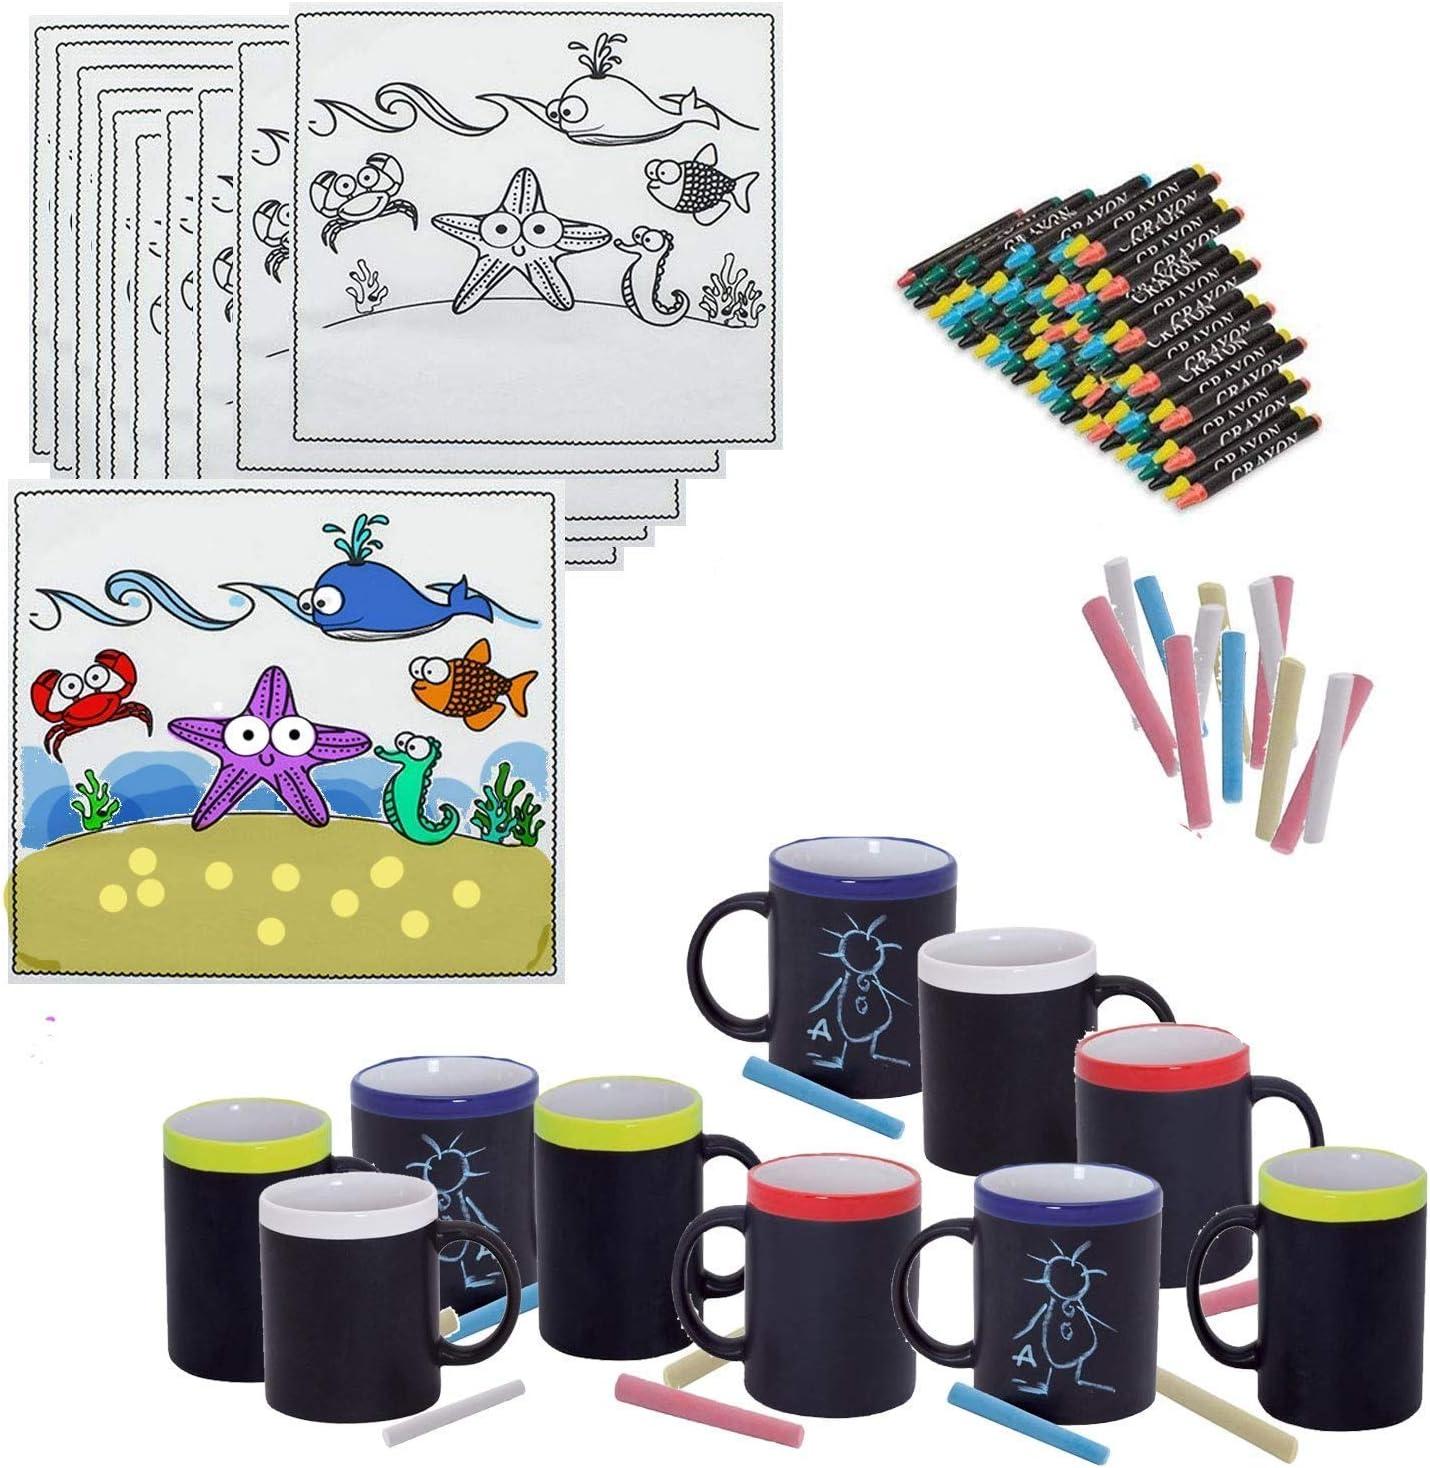 Pack para Meriendas, 20 Tazas de Pizarra y Tizas a Juego y 20 Manteles de Animales Marítimo cumpleaños Infantiles colegios: Amazon.es: Juguetes y juegos